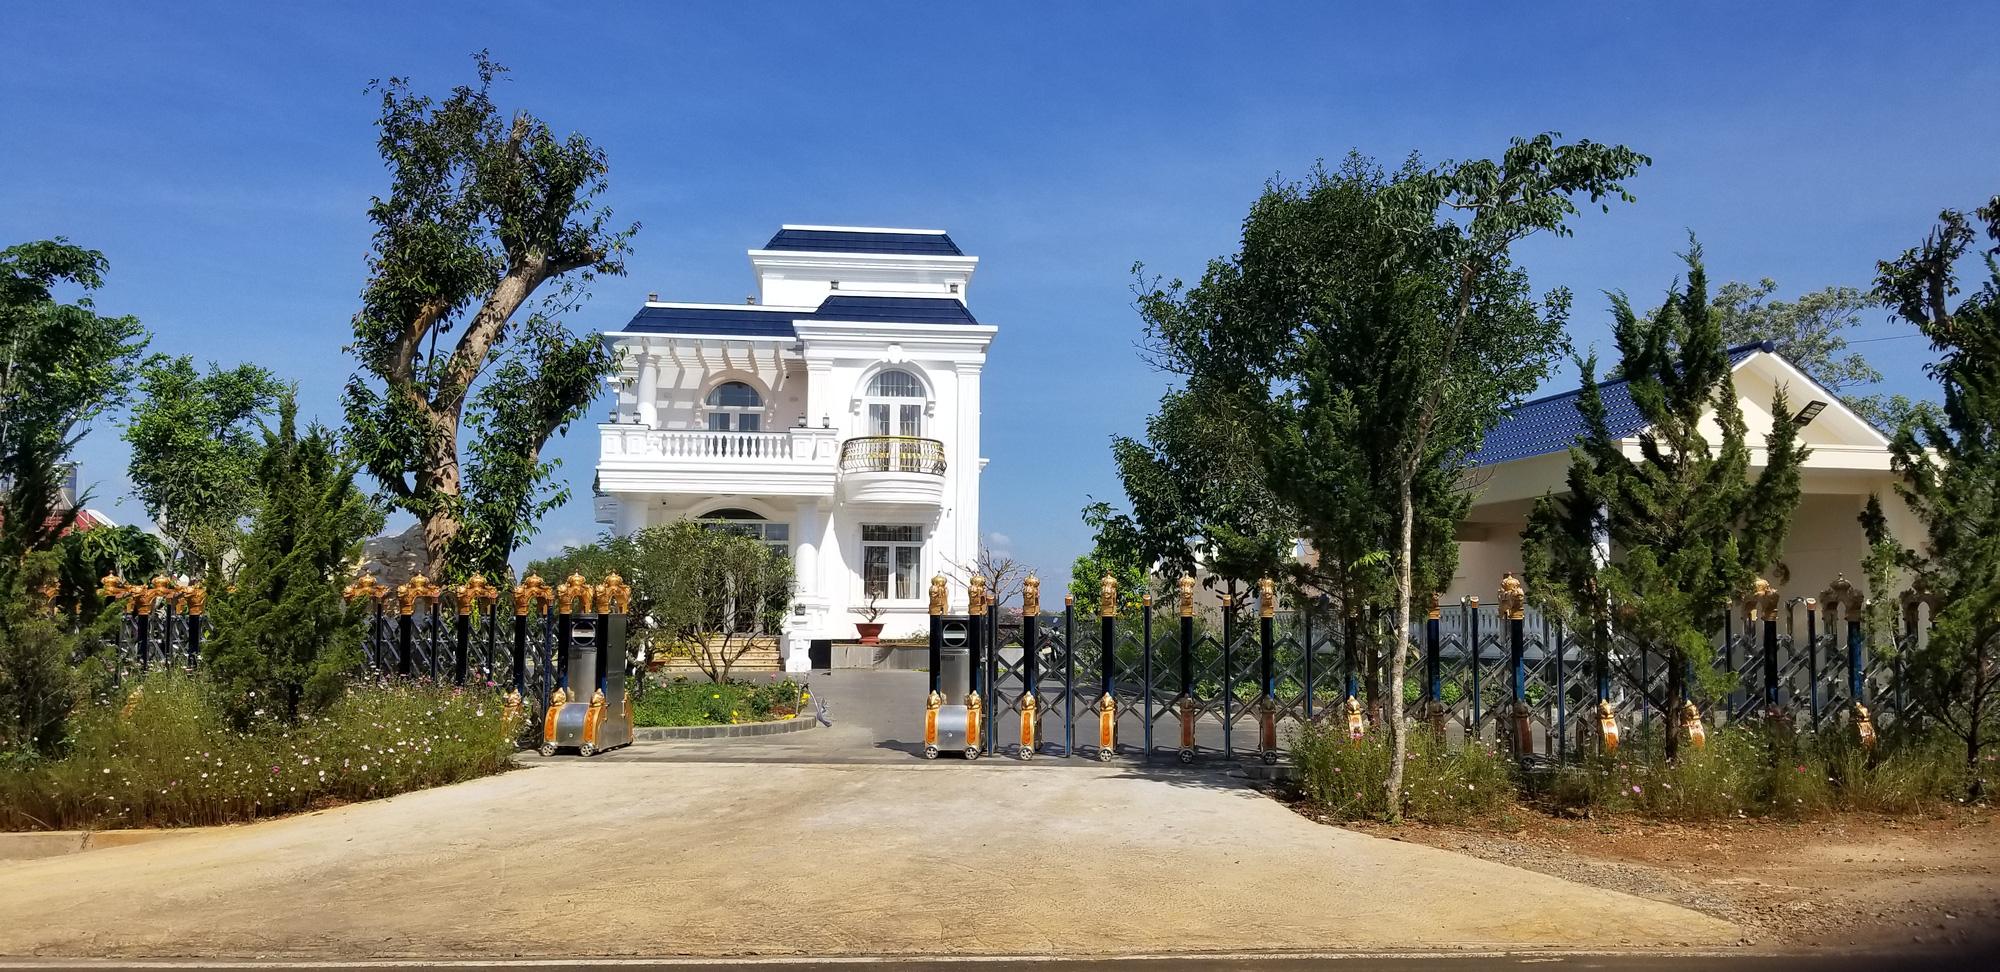 """Lâm Đồng: Xây """"biệt thự khủng"""" không phép, thành phố """"bó tay""""? - Ảnh 4."""